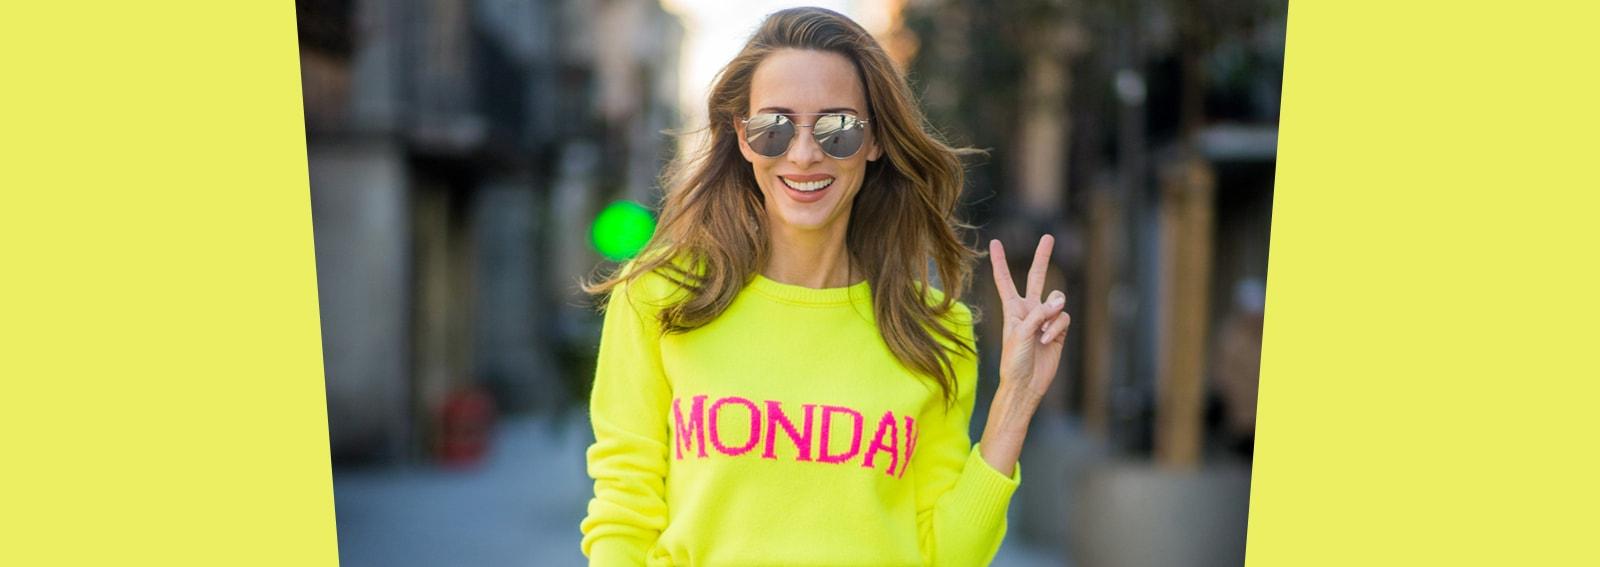 Altro che Blue Monday: con questi capi sarà un lunedì super happy!